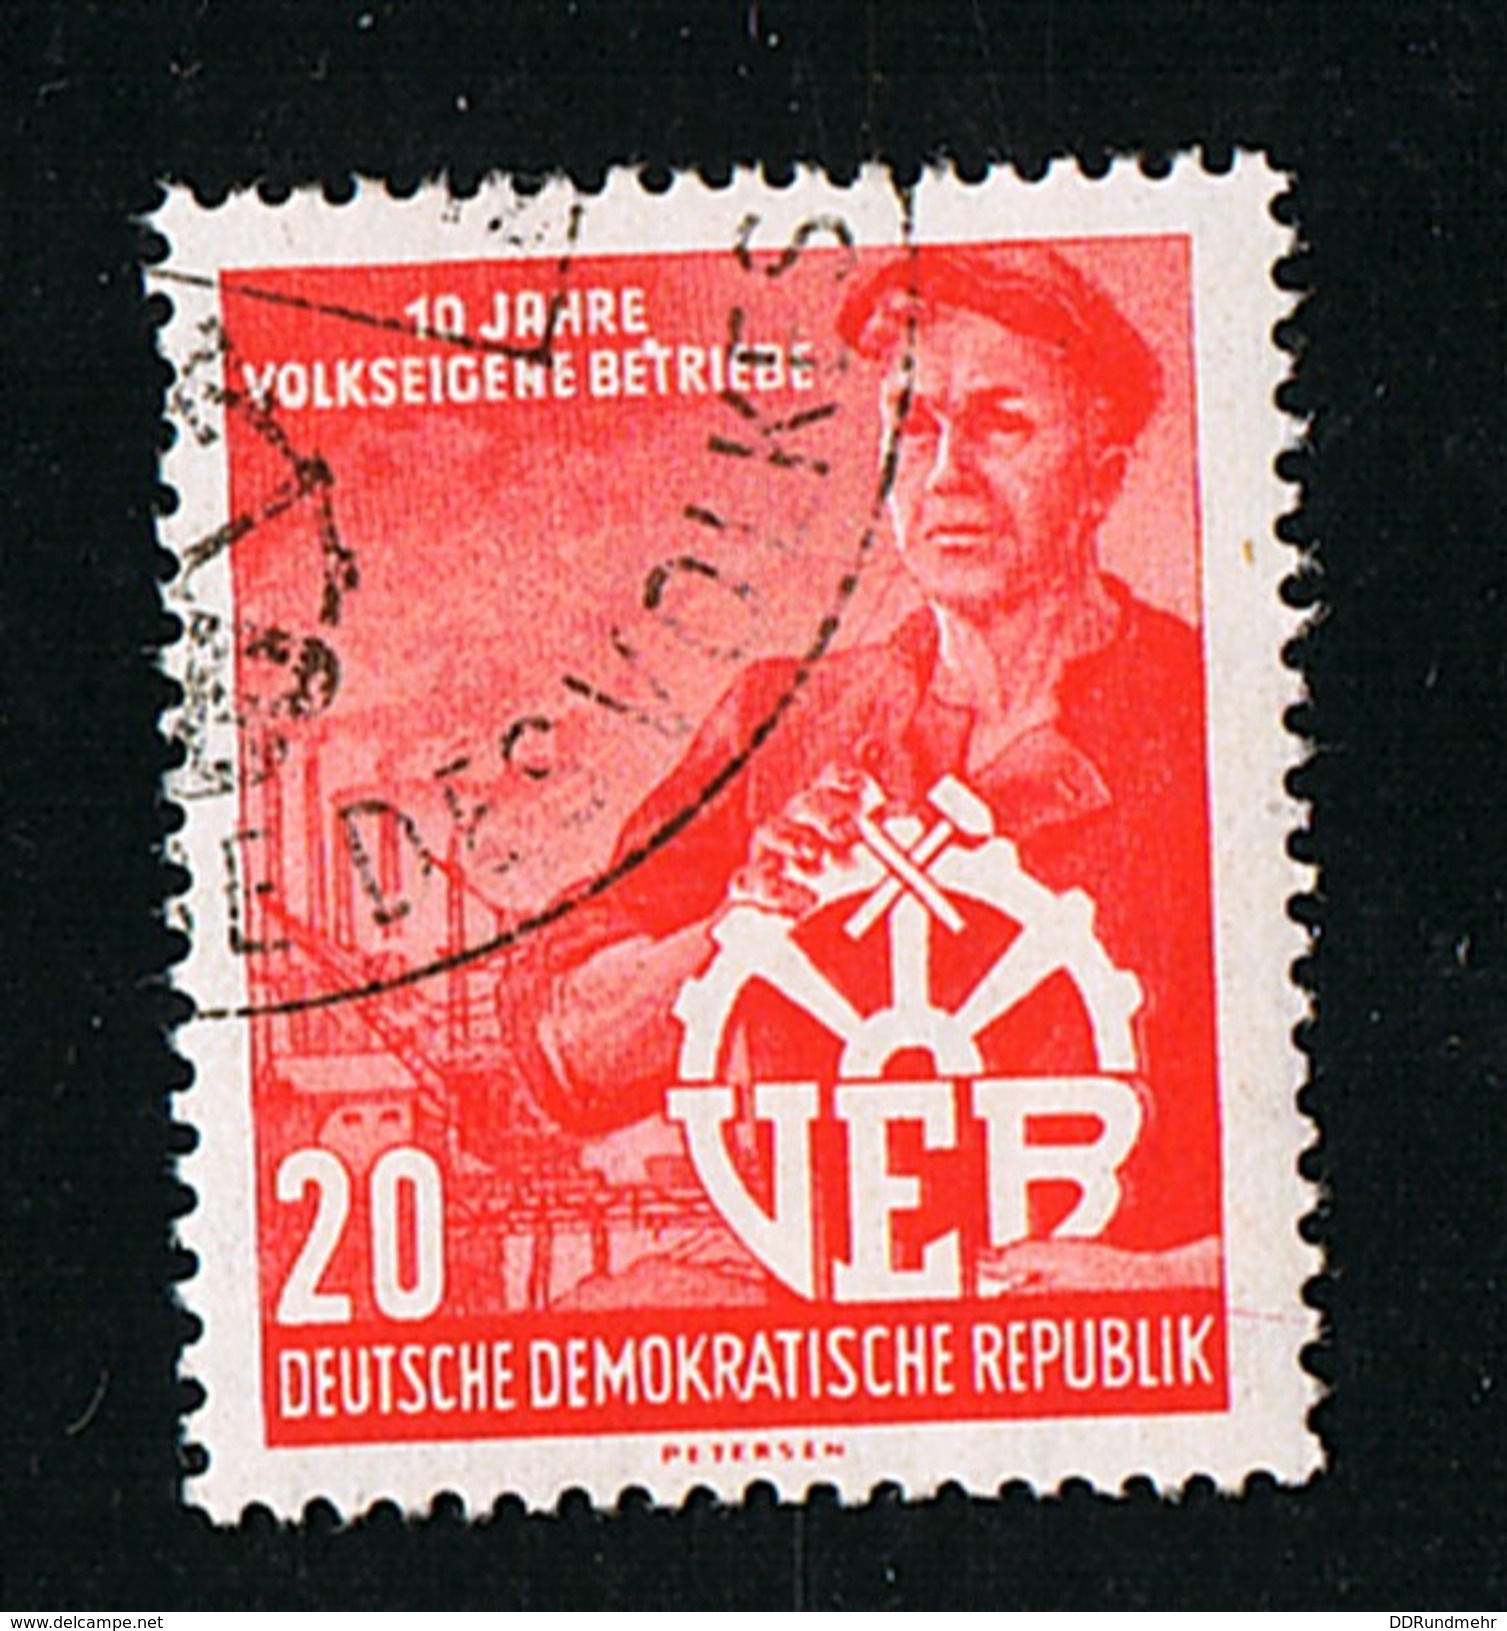 1956 10 Jahre Volkseigene Betriebe Michel 527 YII Sehr Seltenes Wasserzeichen - Abarten